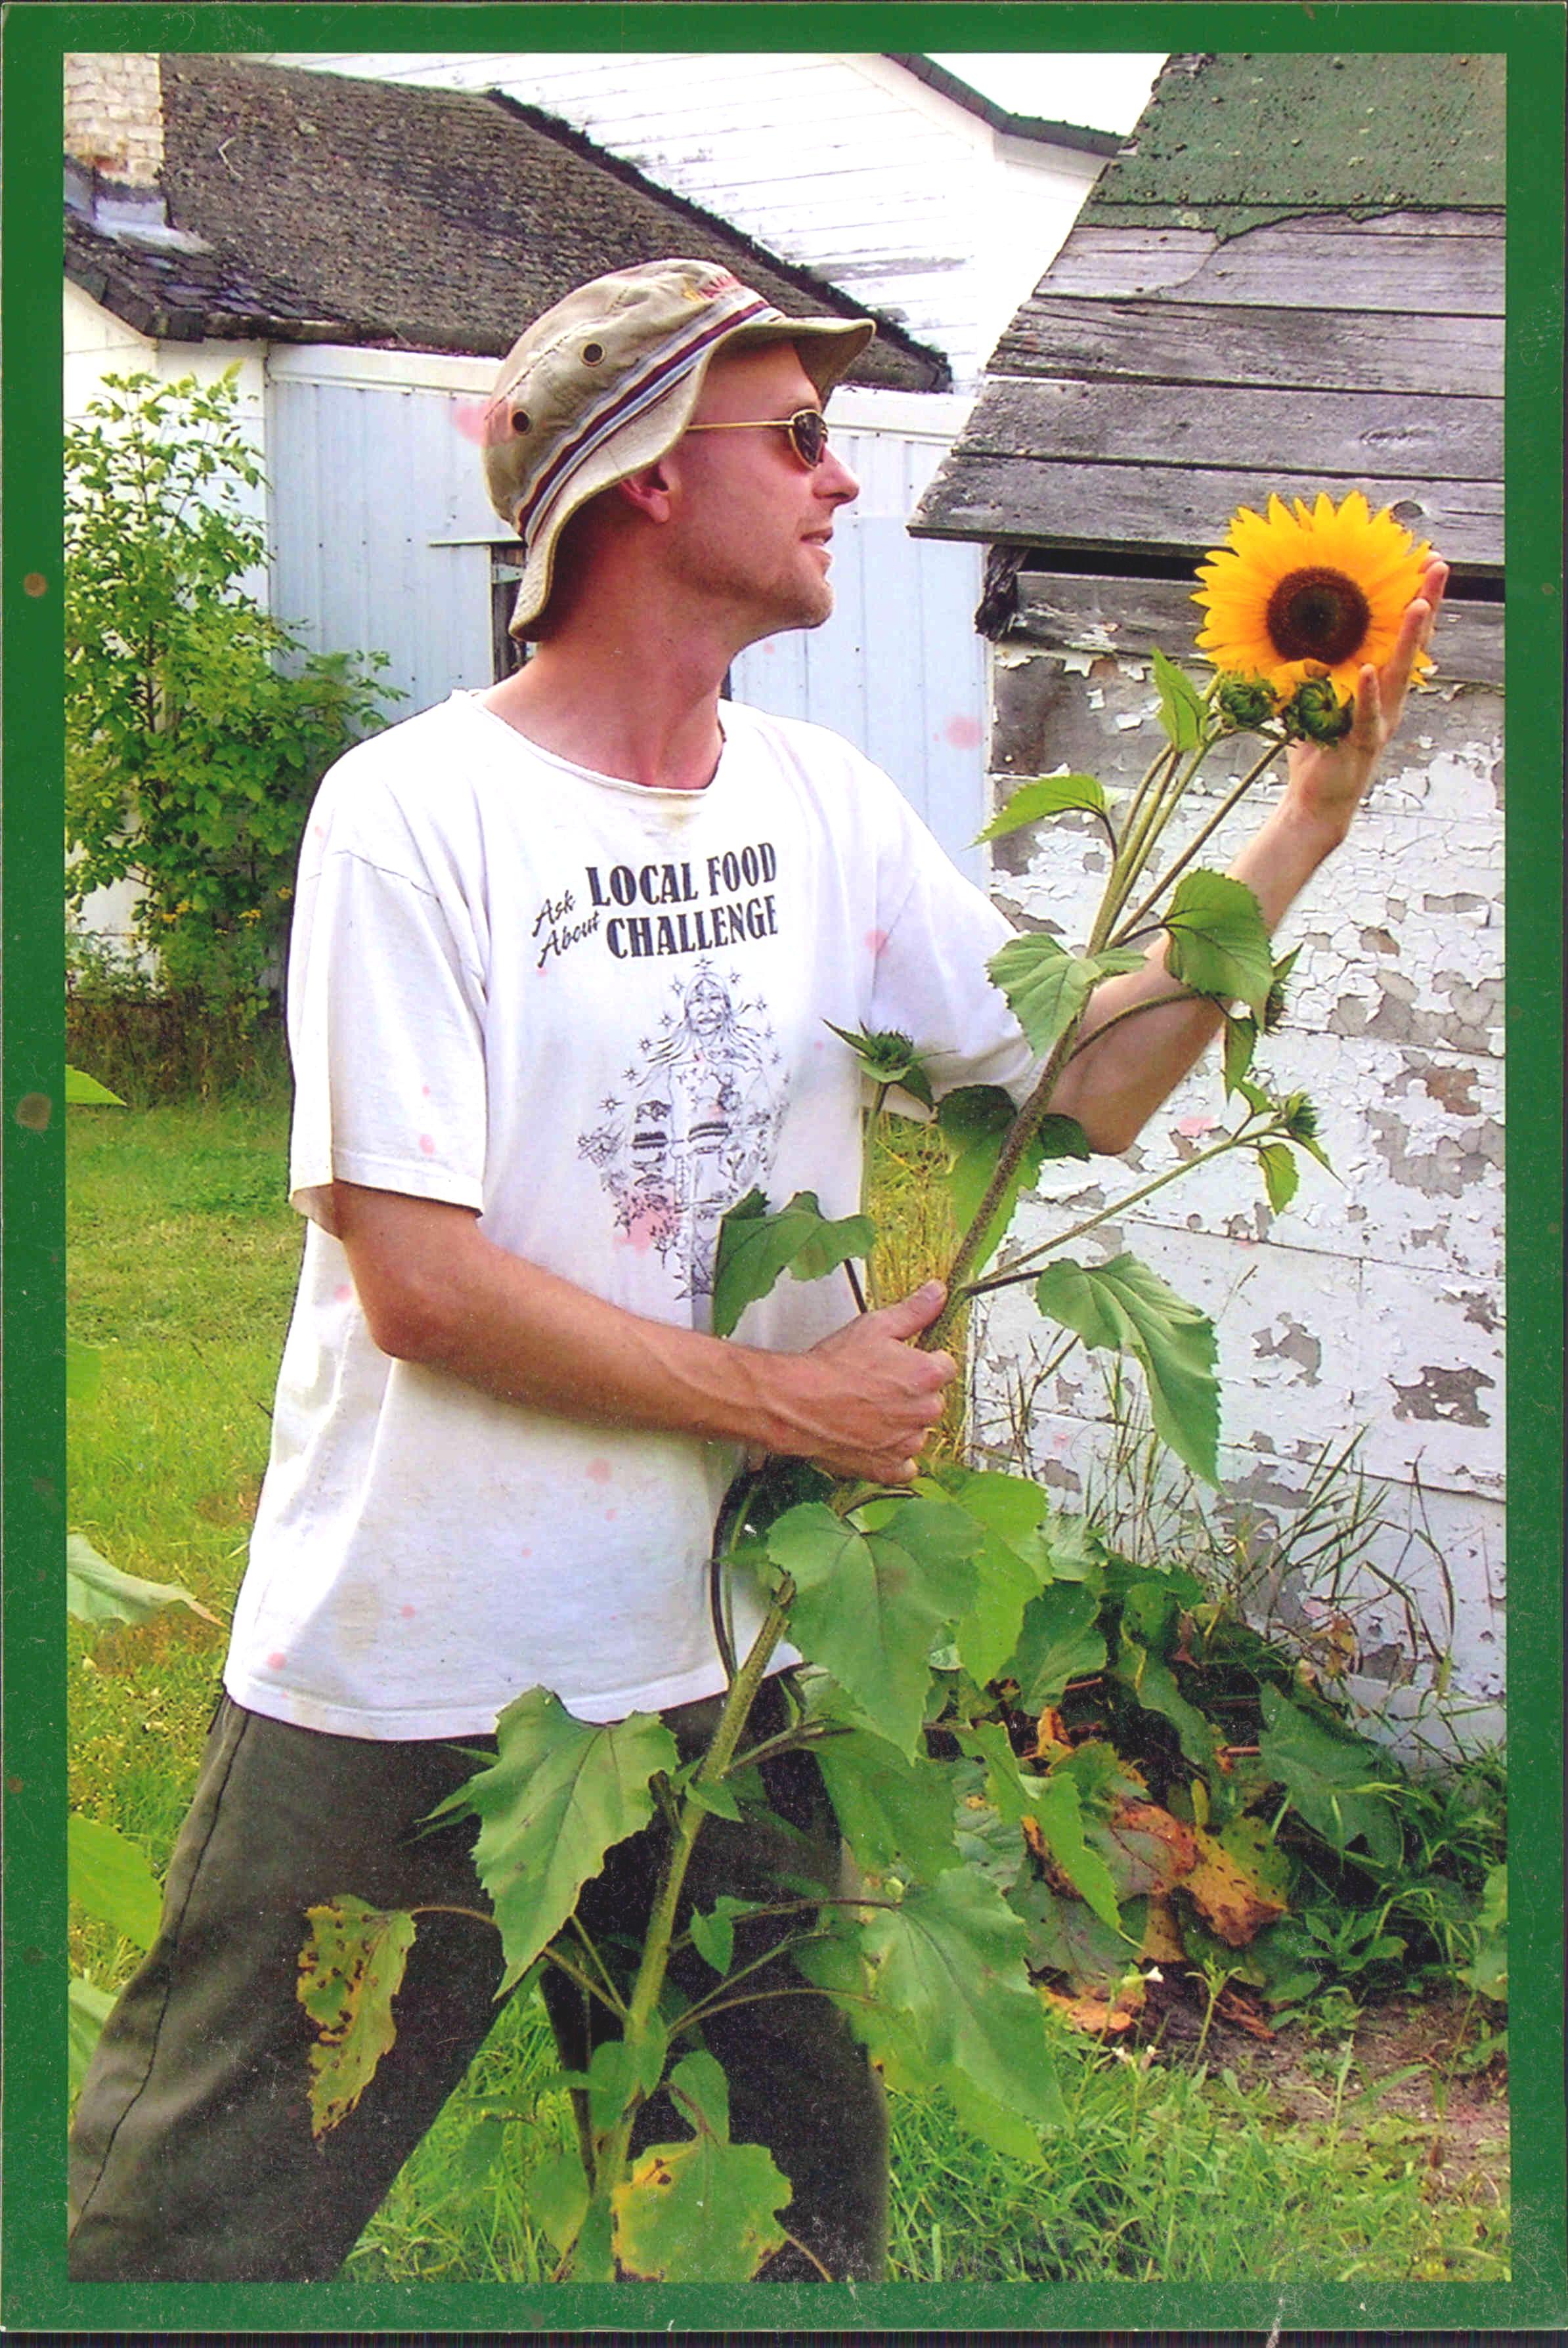 Aaron Tank at the Duluth Folk School